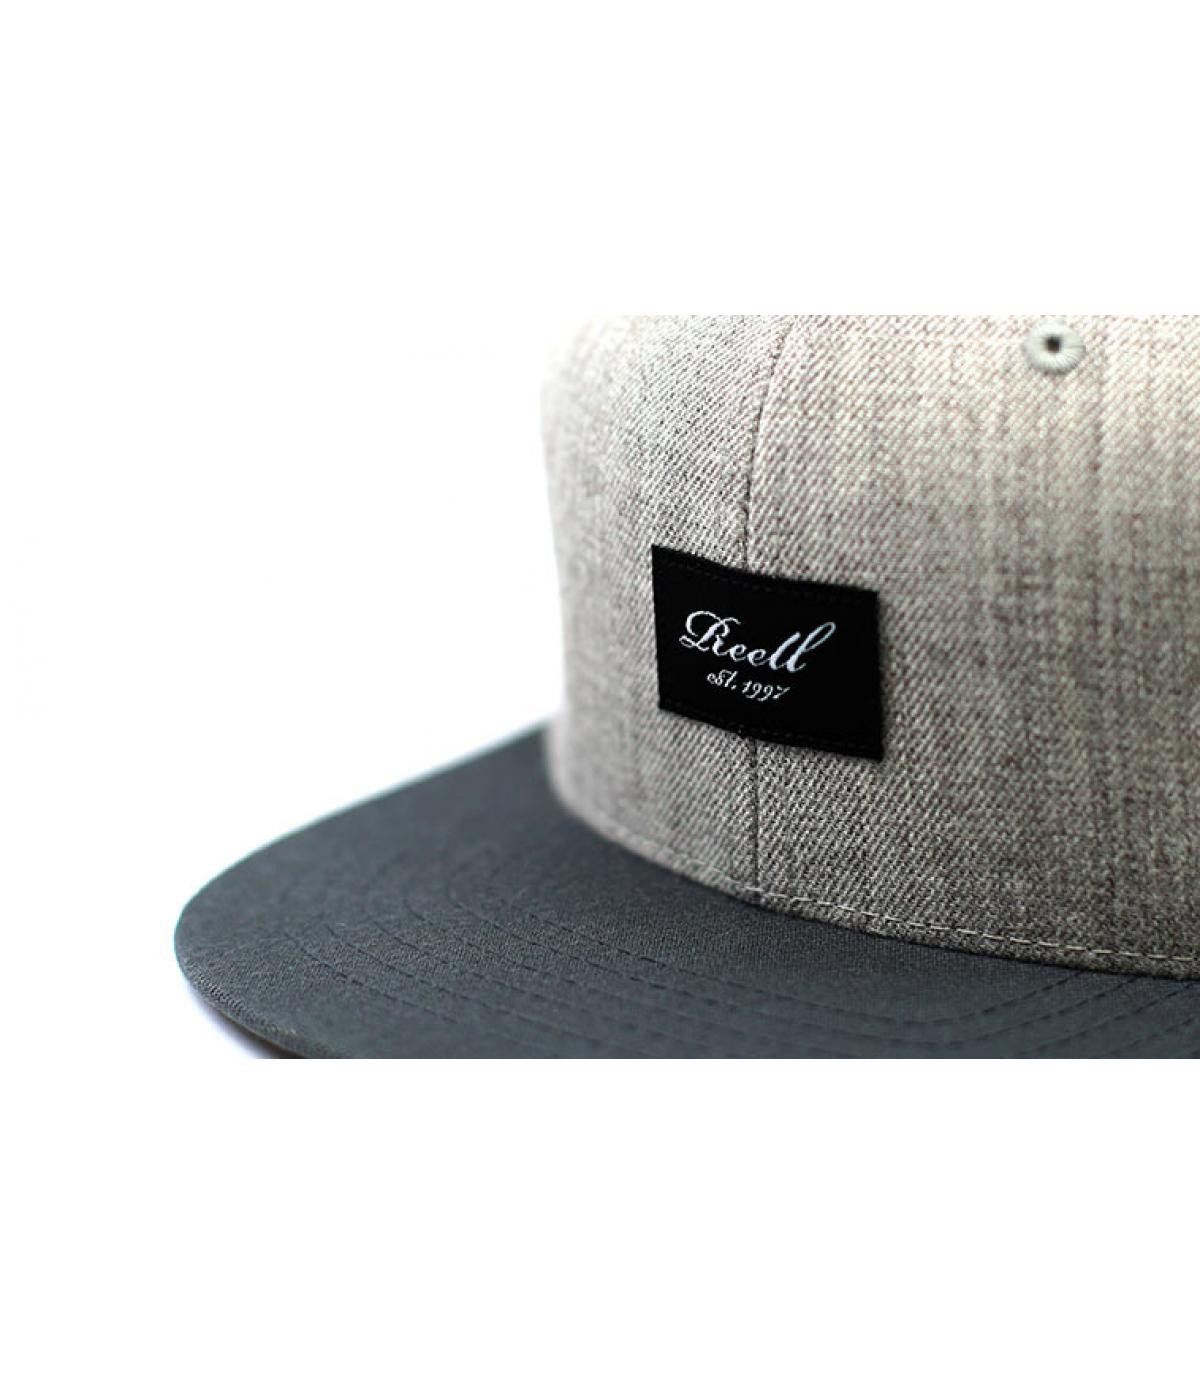 Détails Pitchout Cap heather light grey grey black - image 3